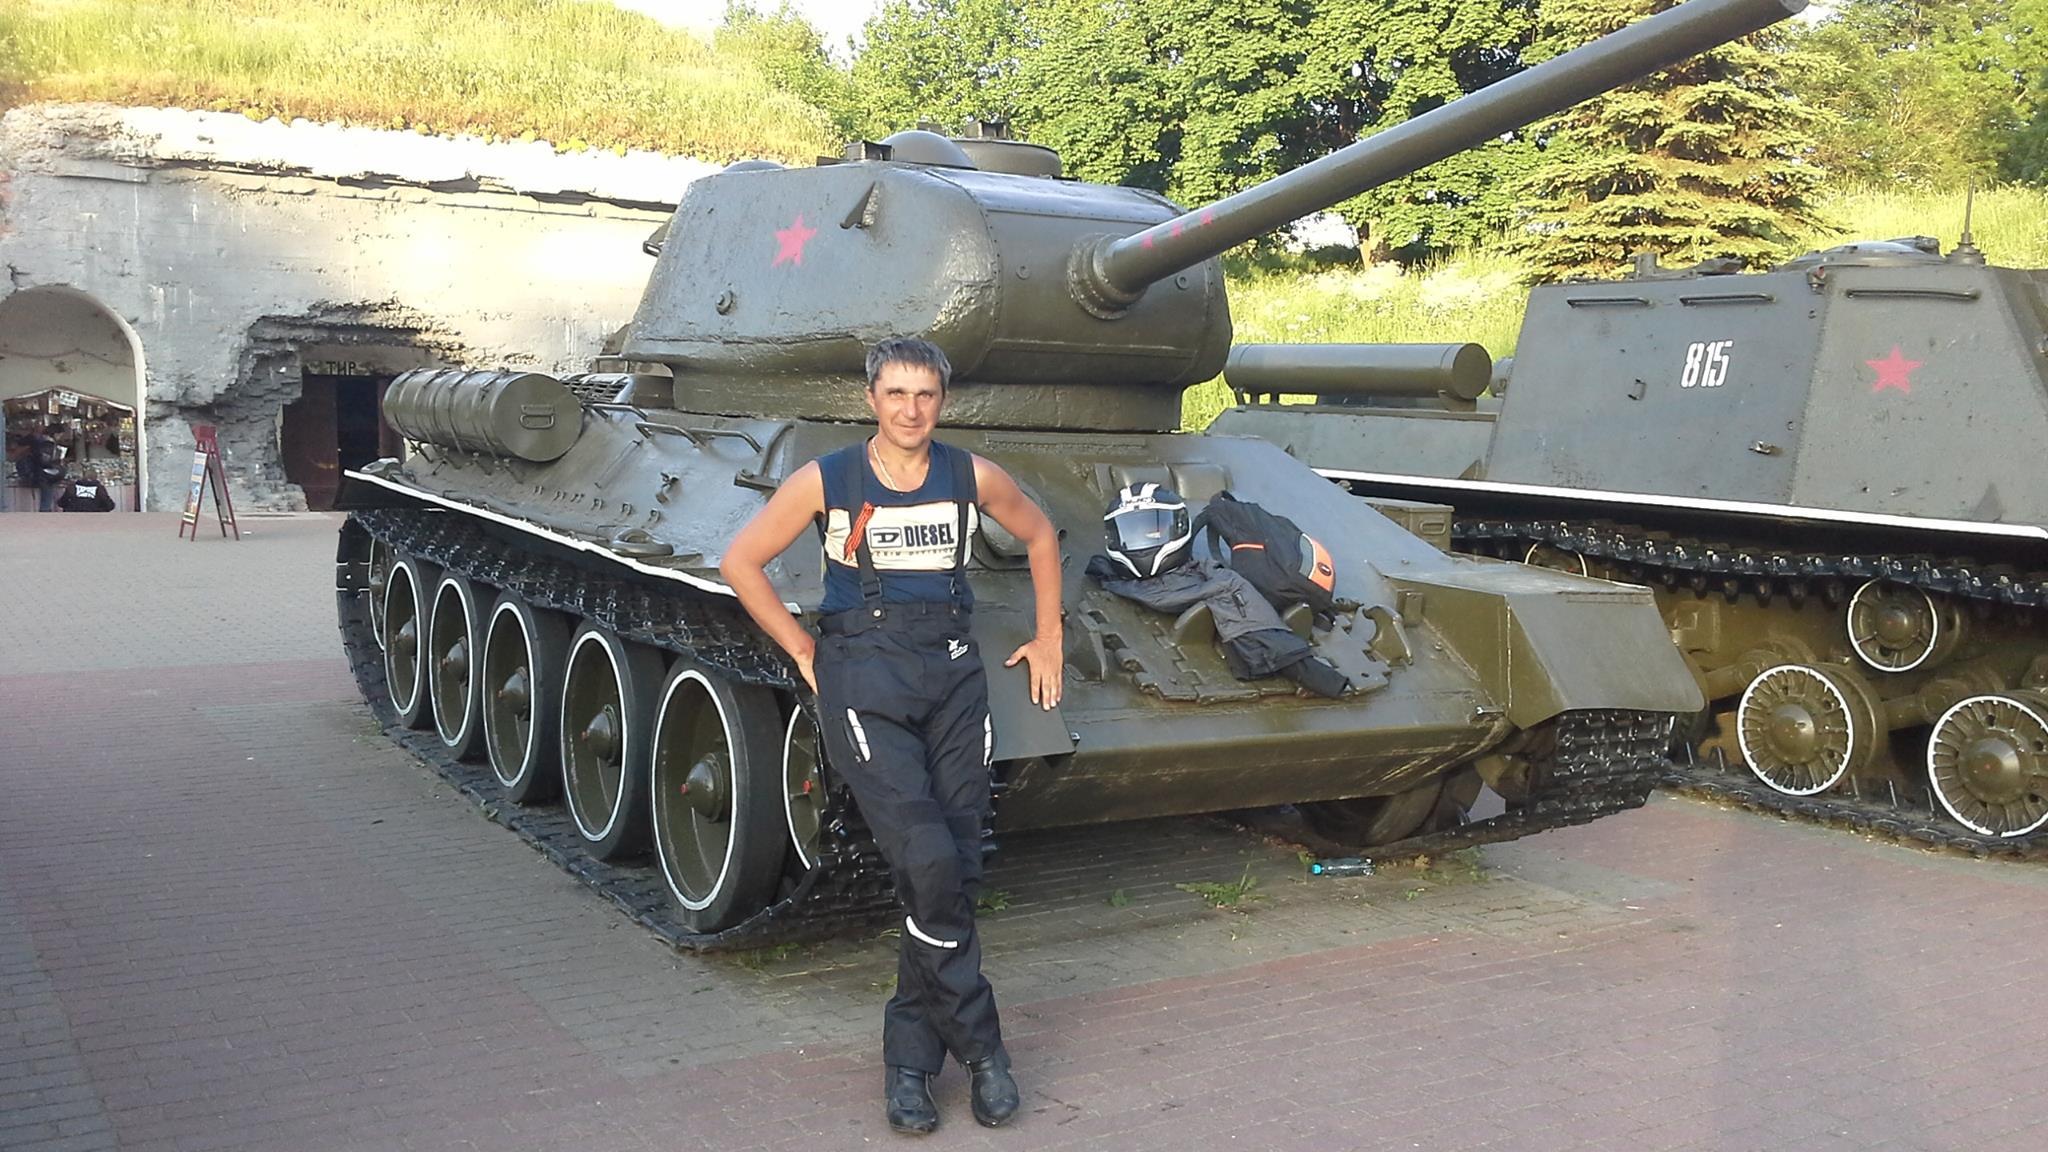 """Соцмережі розсекретили українця, який подався з """"Нічними вовками"""" в Європу - фото 1"""